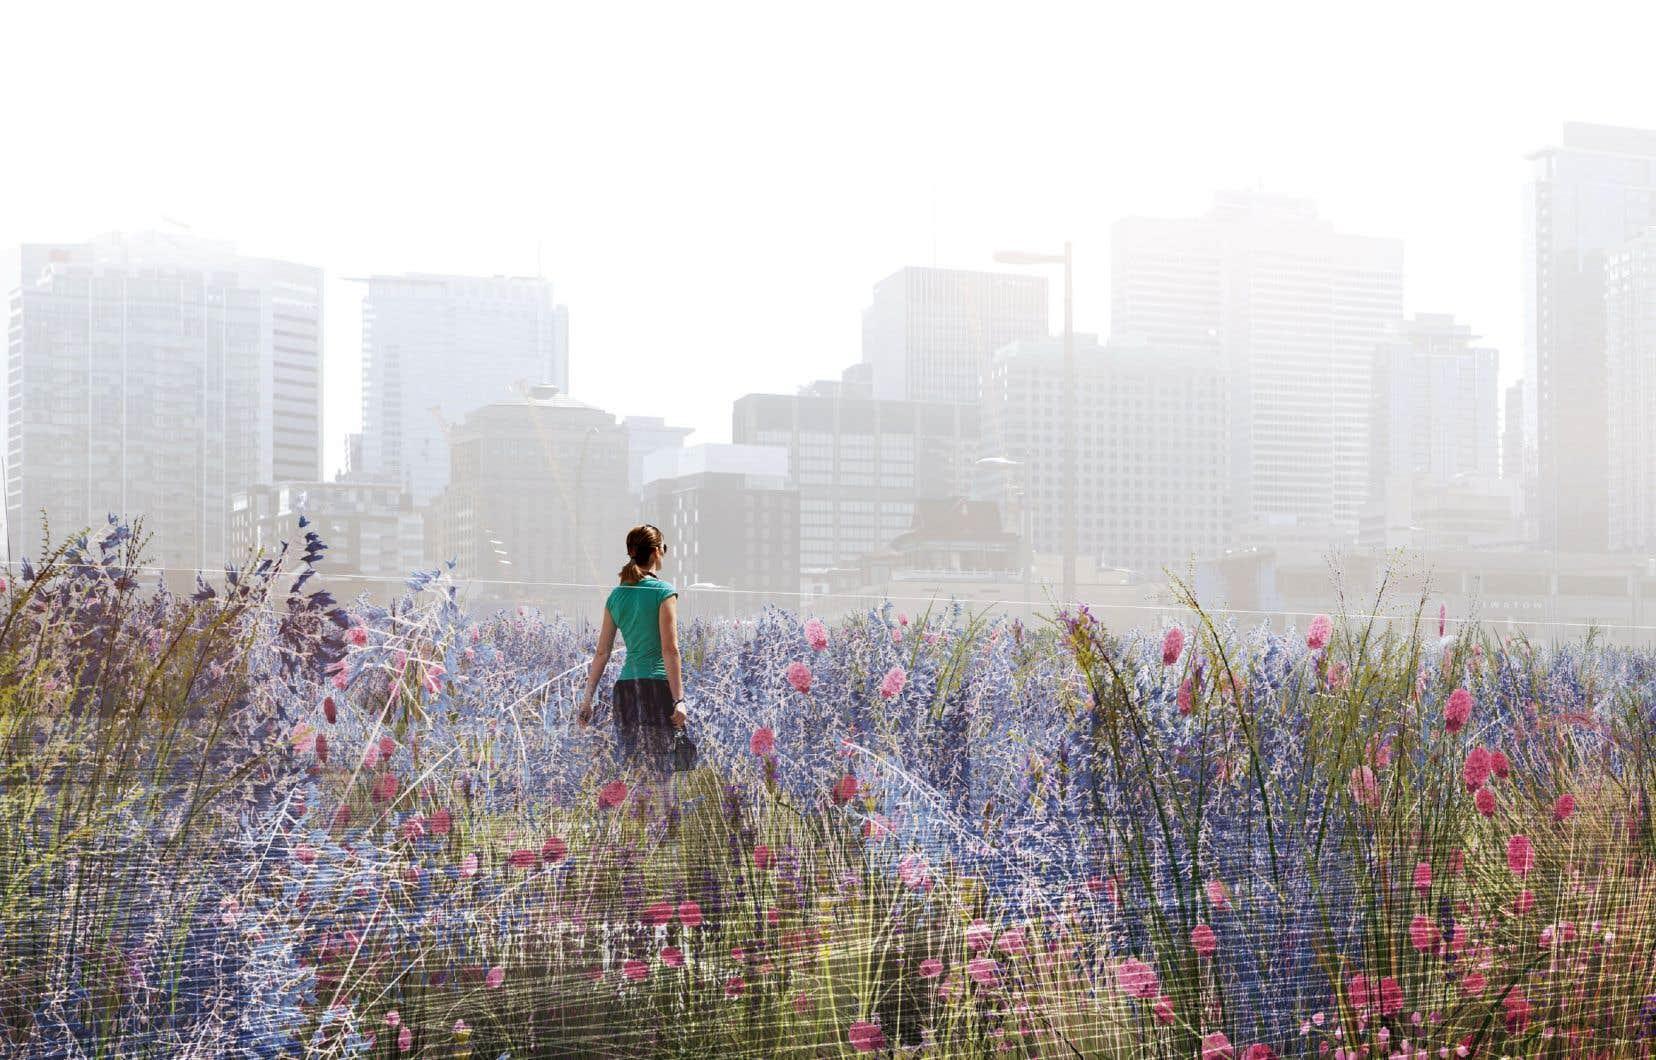 L'hommage prendra la forme d'une dalle inclinée qui sera couverte de 21 espèces de plantes et de fleurs, une proposition de la firme Lemay, de SNC-Lavalin et de l'artiste Angela Silver.